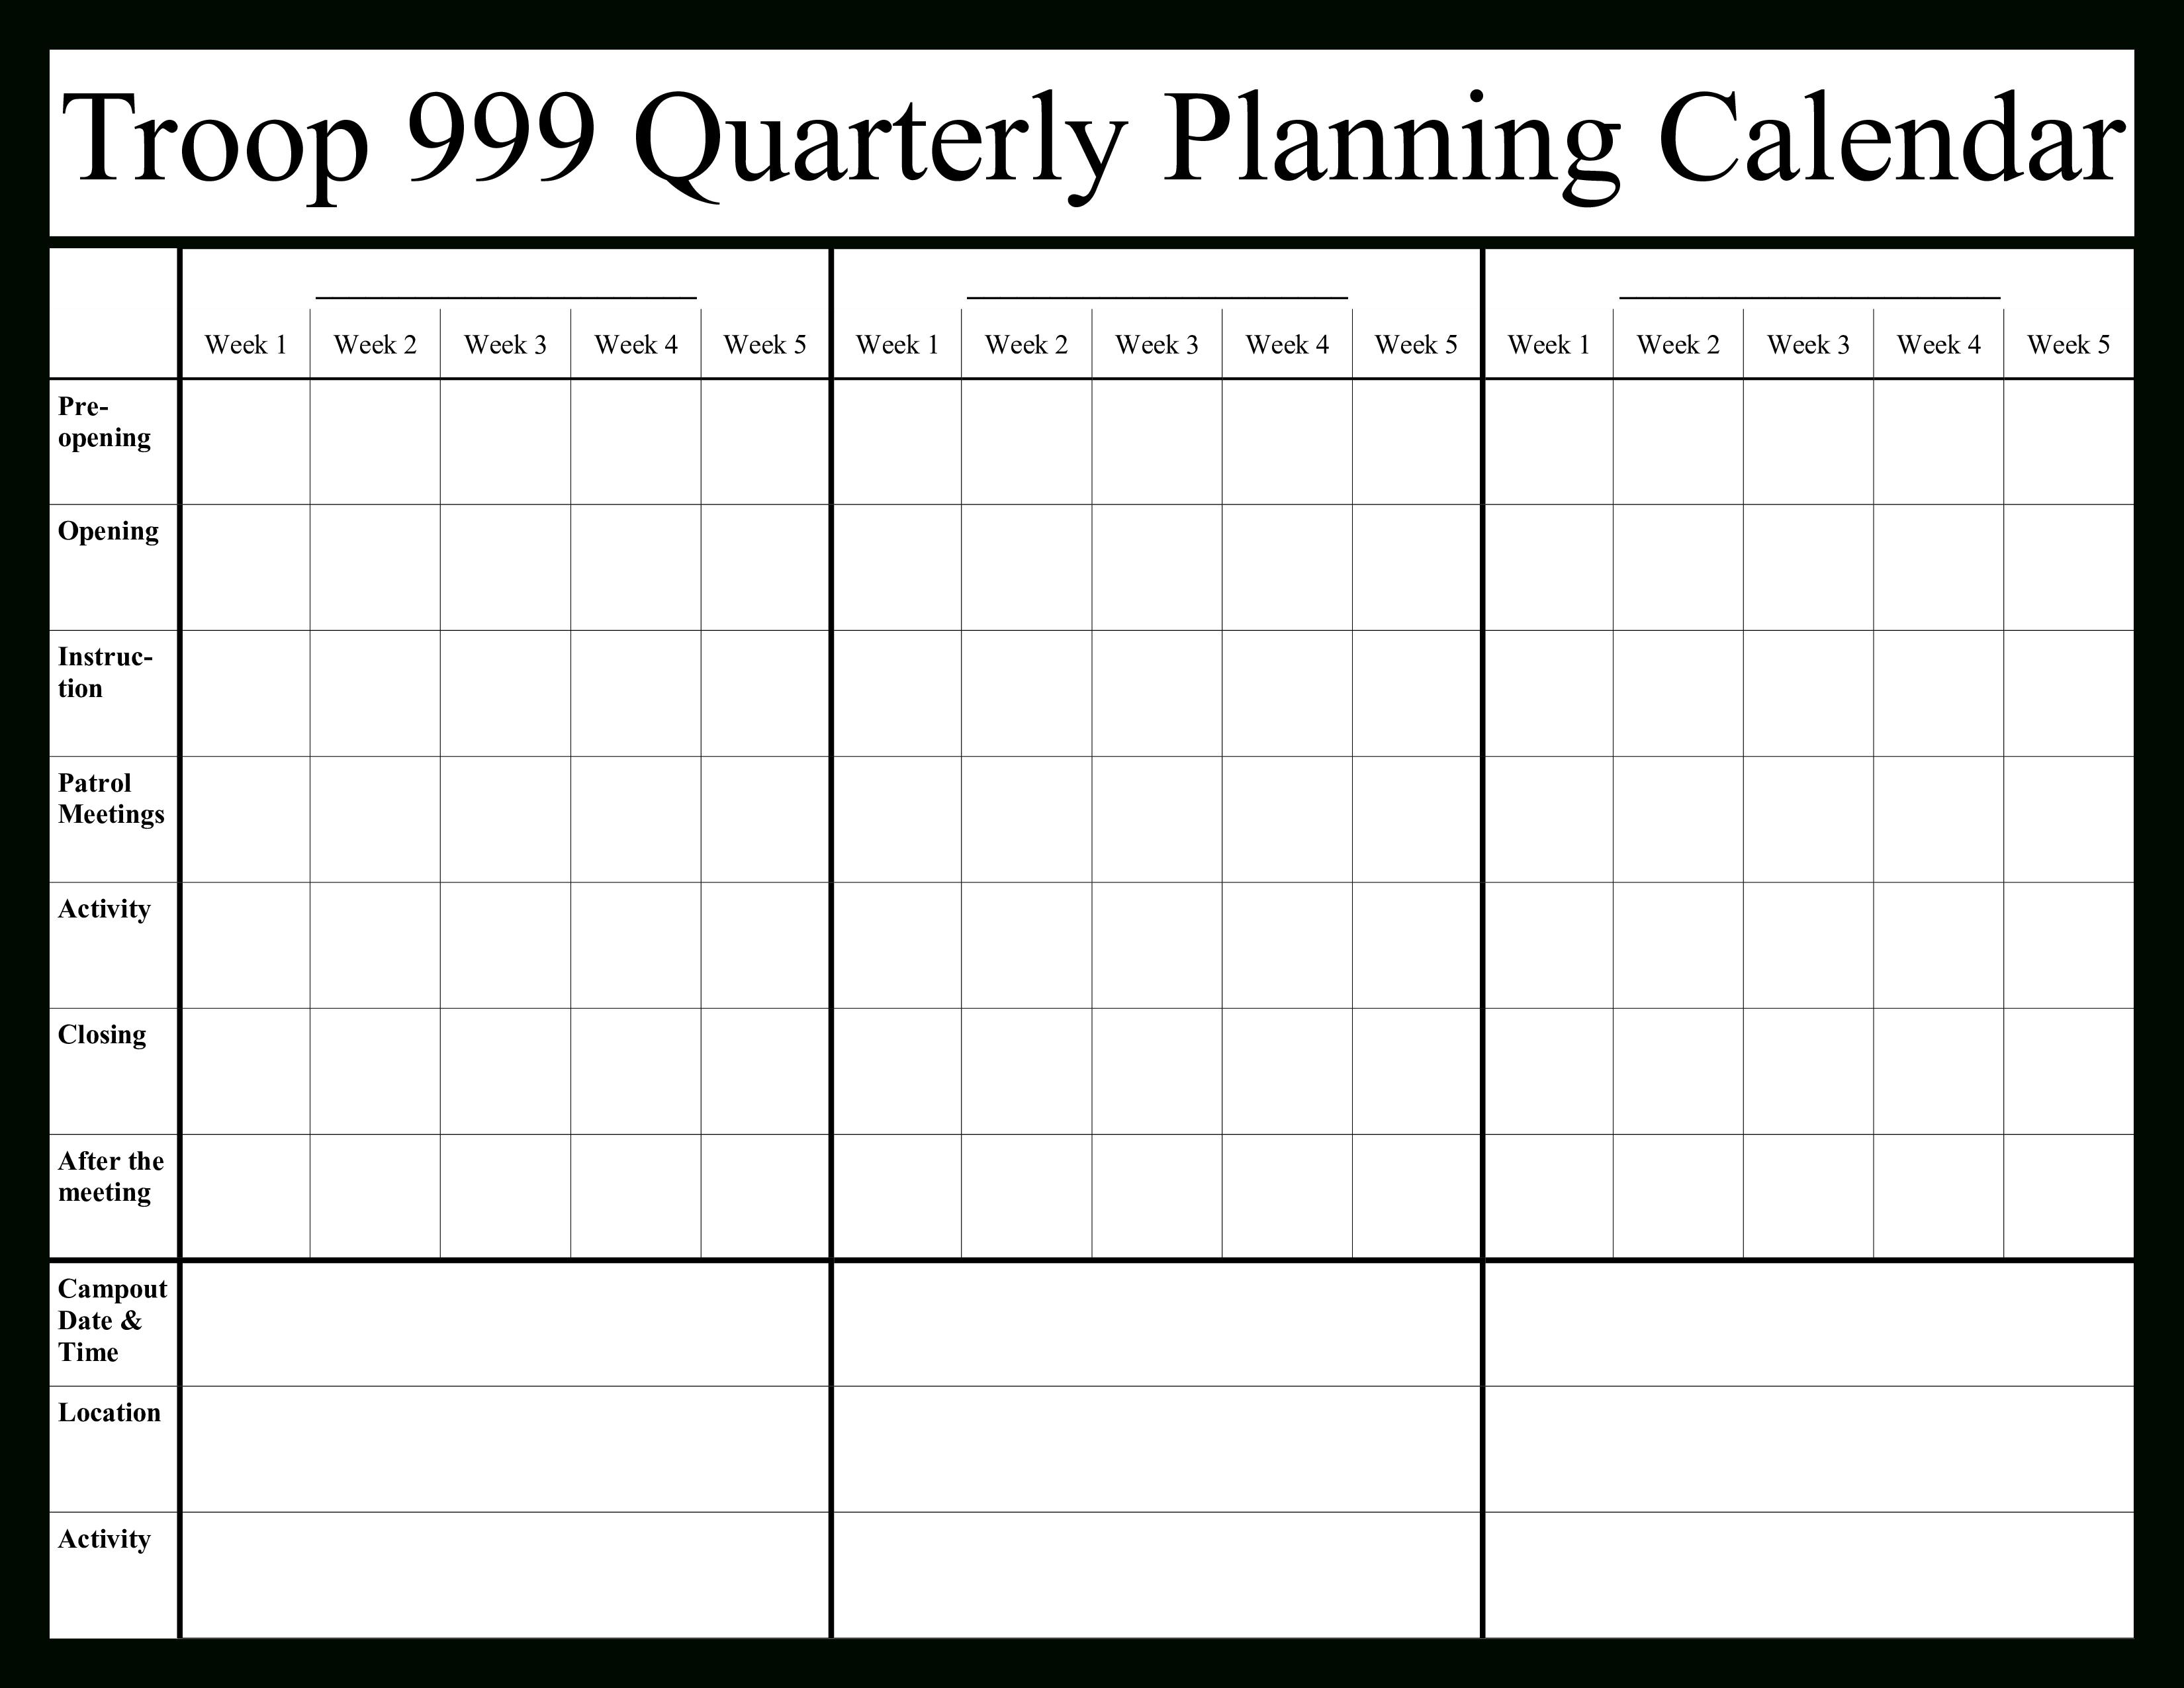 Quarterly Calendar 2020 | Templates At Allbusinesstemplates for 2020 Quarterly Calendar Template Excel